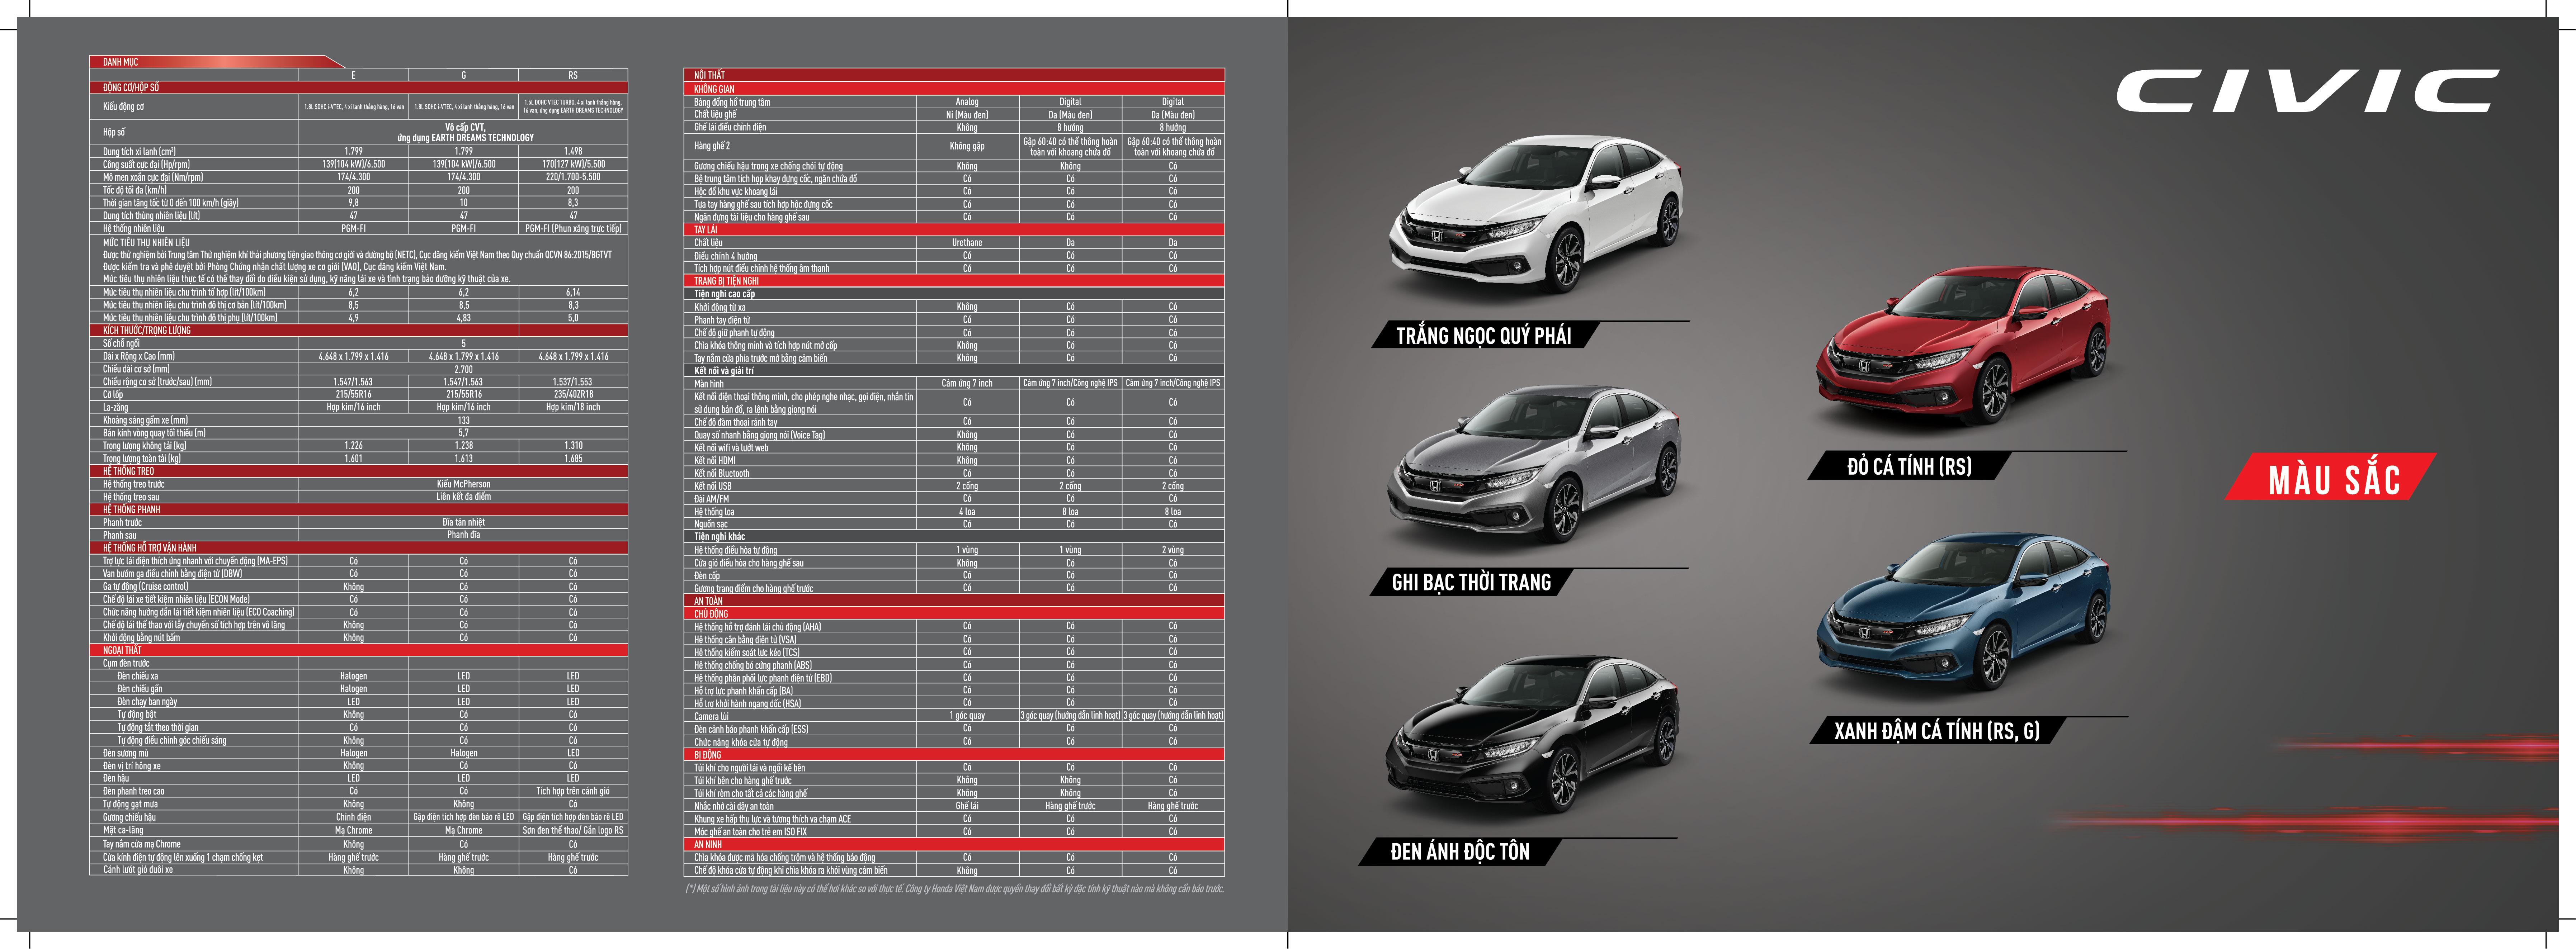 Thông số kỹ thuật Honda Civic mới - Honda Ô tô Nha Trang - Honda Ô tô Khánh Hòa - 0905 069 259